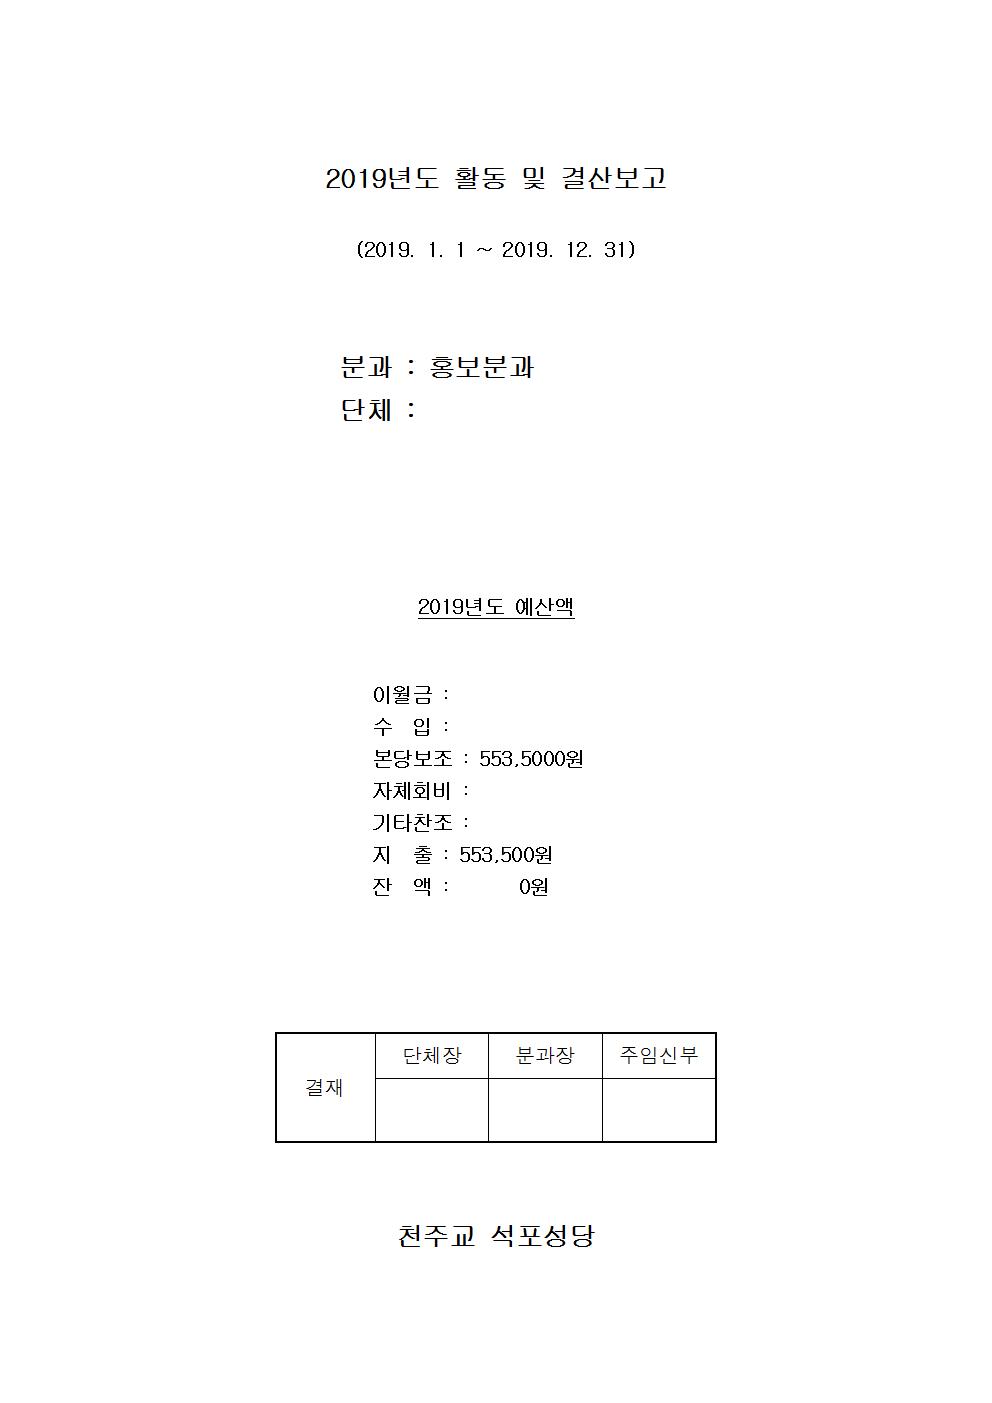 석포성당 홍보분과 2019년 활동 결산 및 2020년 활동계획004.png